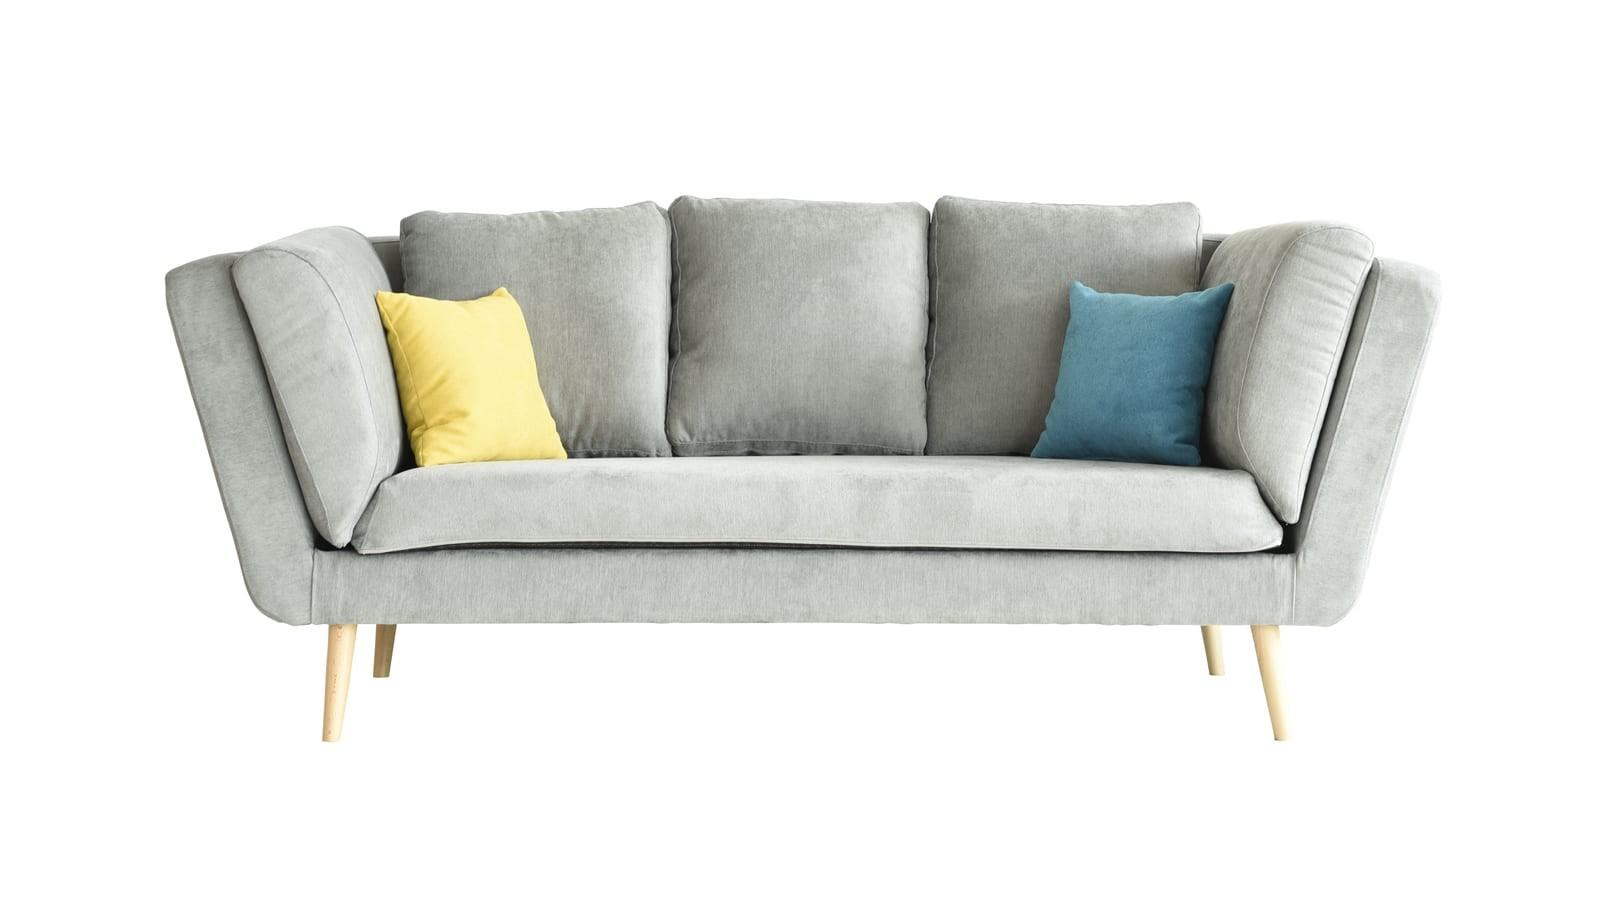 Canapé 3 places style scandinave en tissu gris